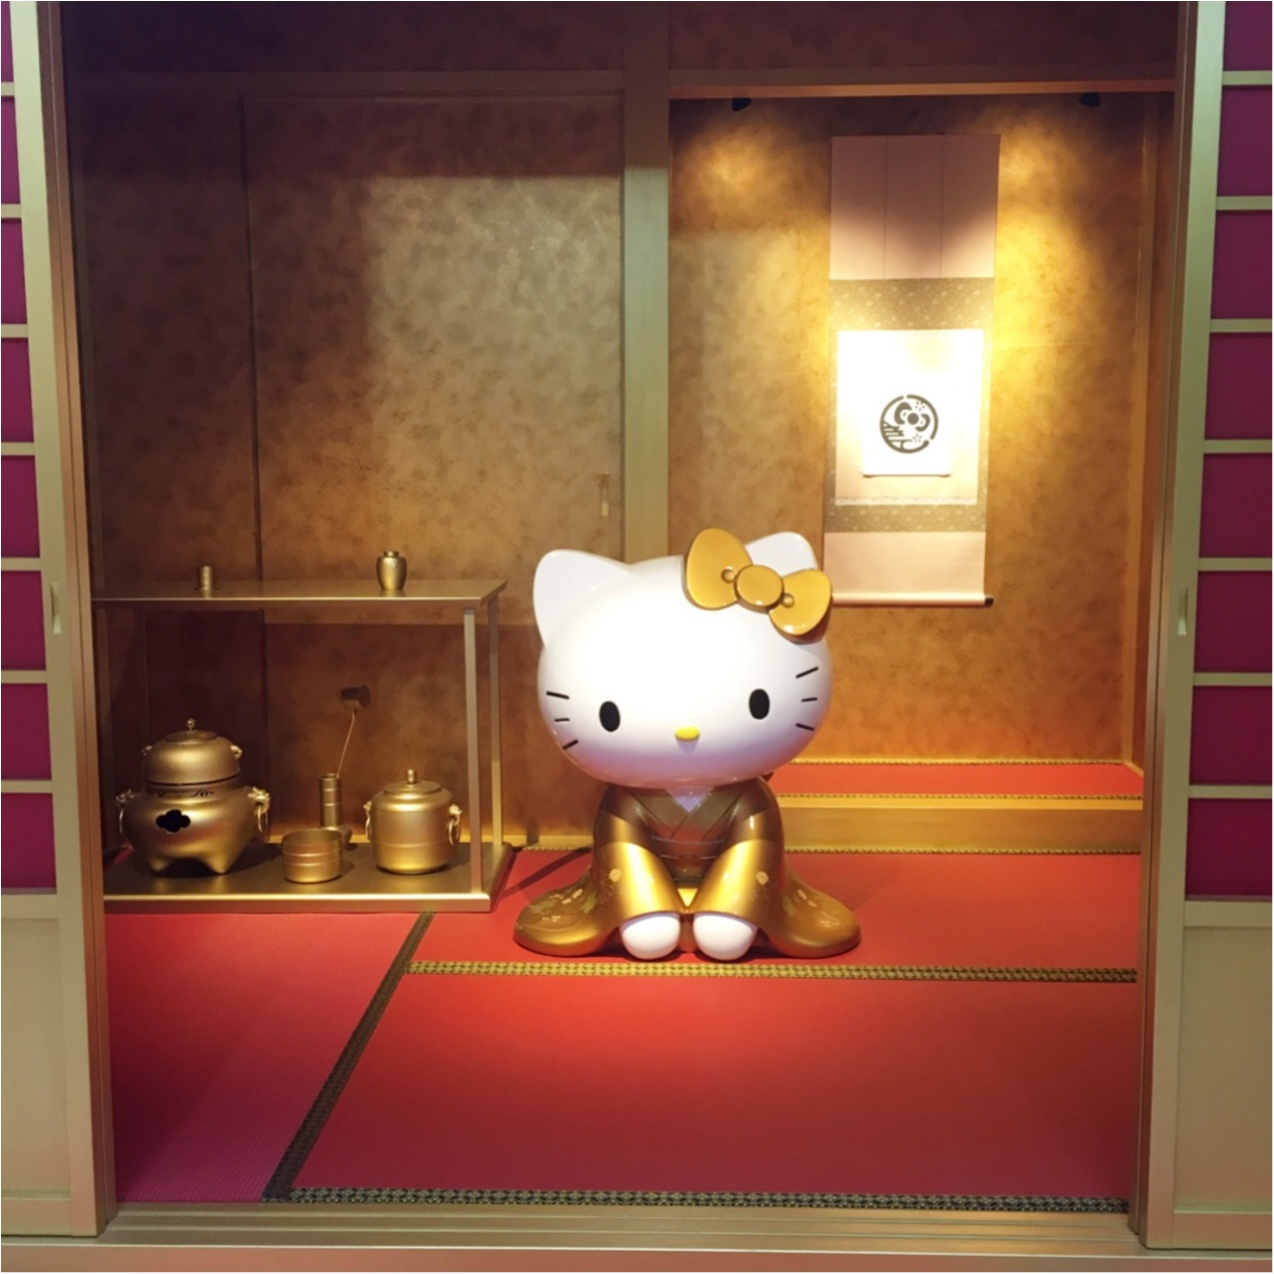 京都に行ったら行きたい♡キティづくしの『はろうきてぃ茶寮』_16